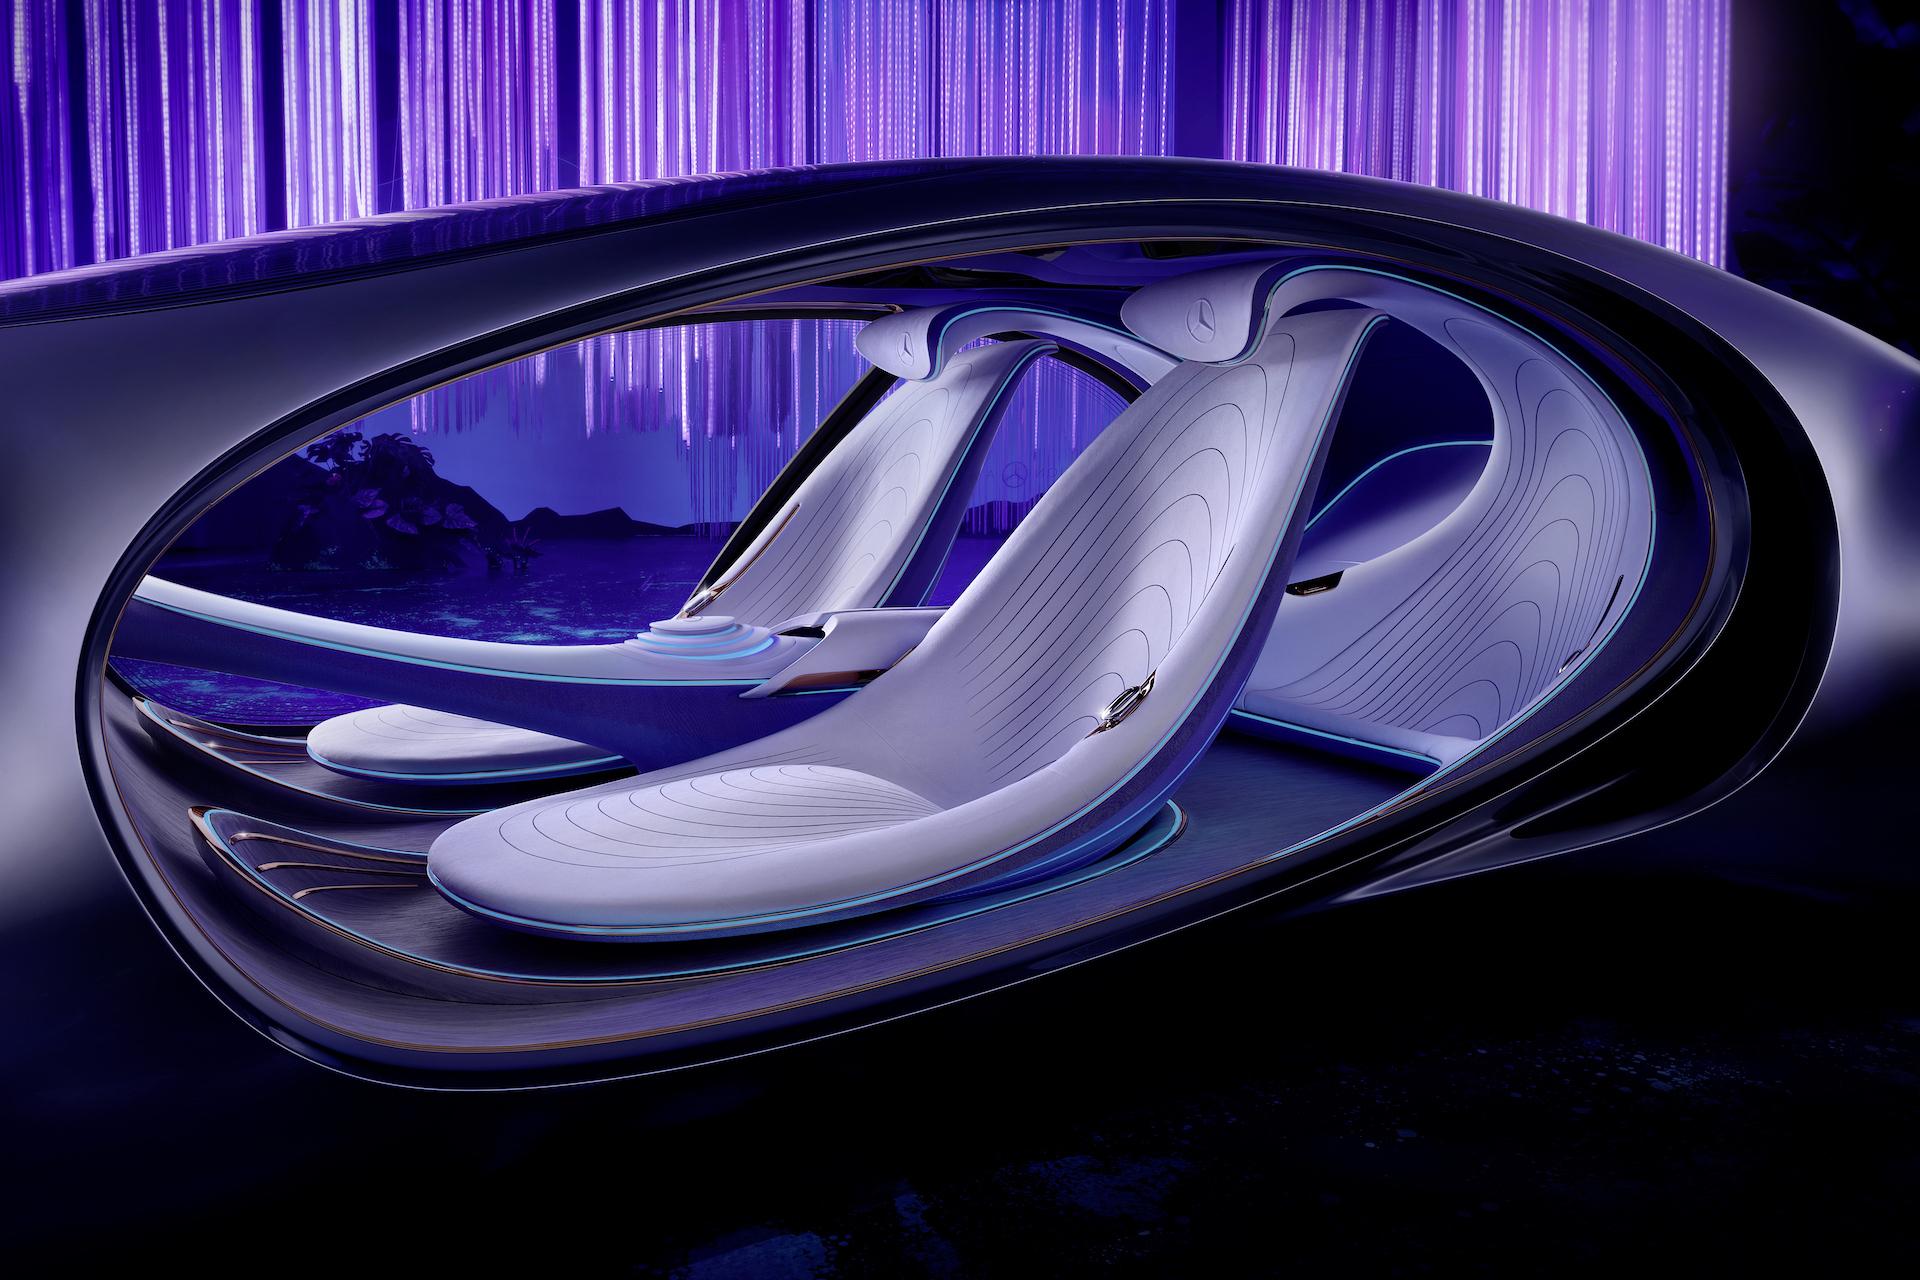 Der Mercedes-Benz Vision AVTR: Ein Auto, inspiriert von der Zukunft 12